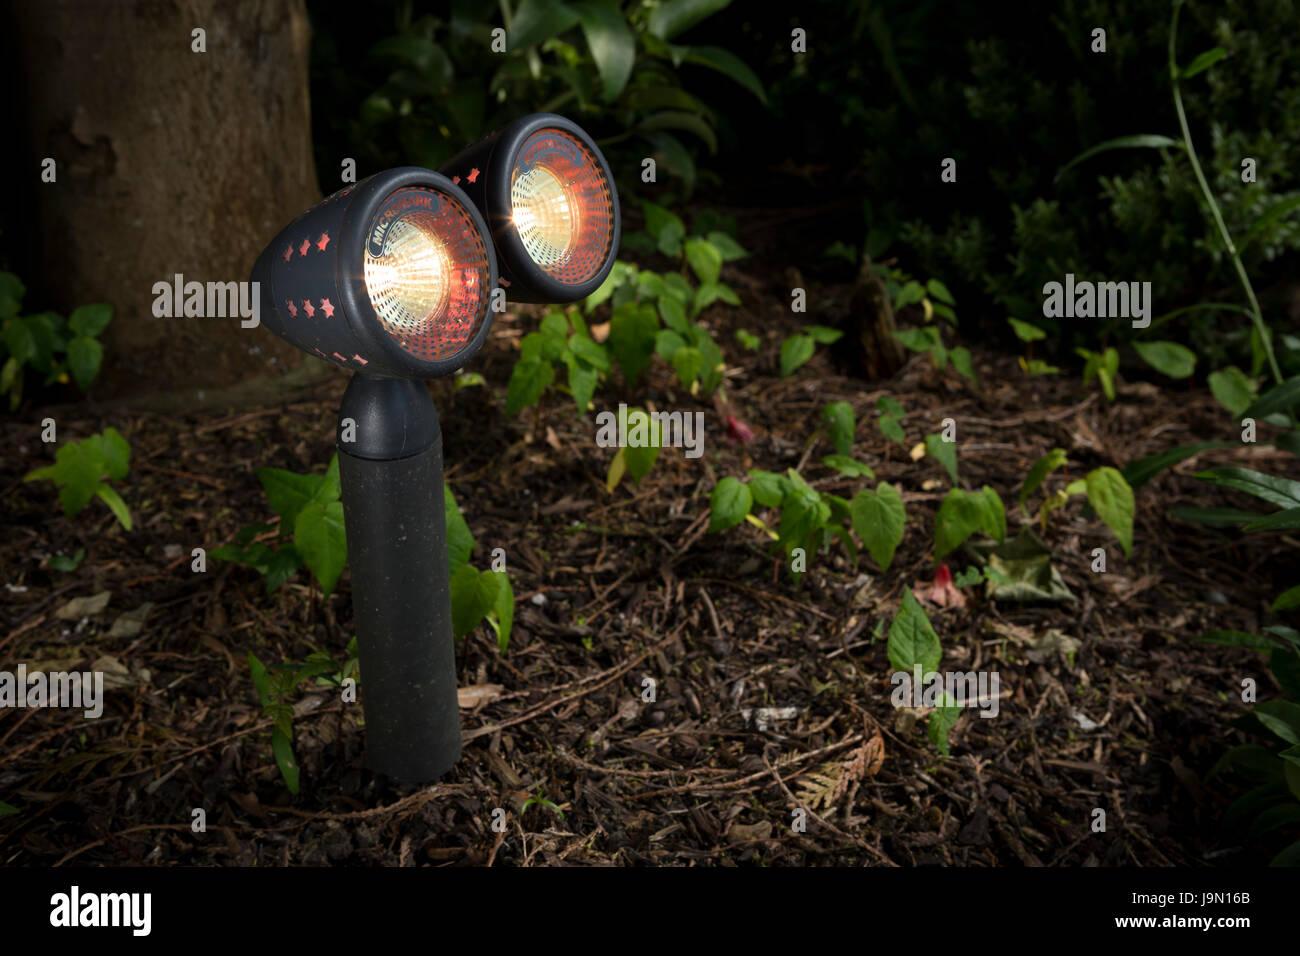 Garten wetterfest Beleuchtung. Spot-Beleuchtung, die in Ihrem Garten ...